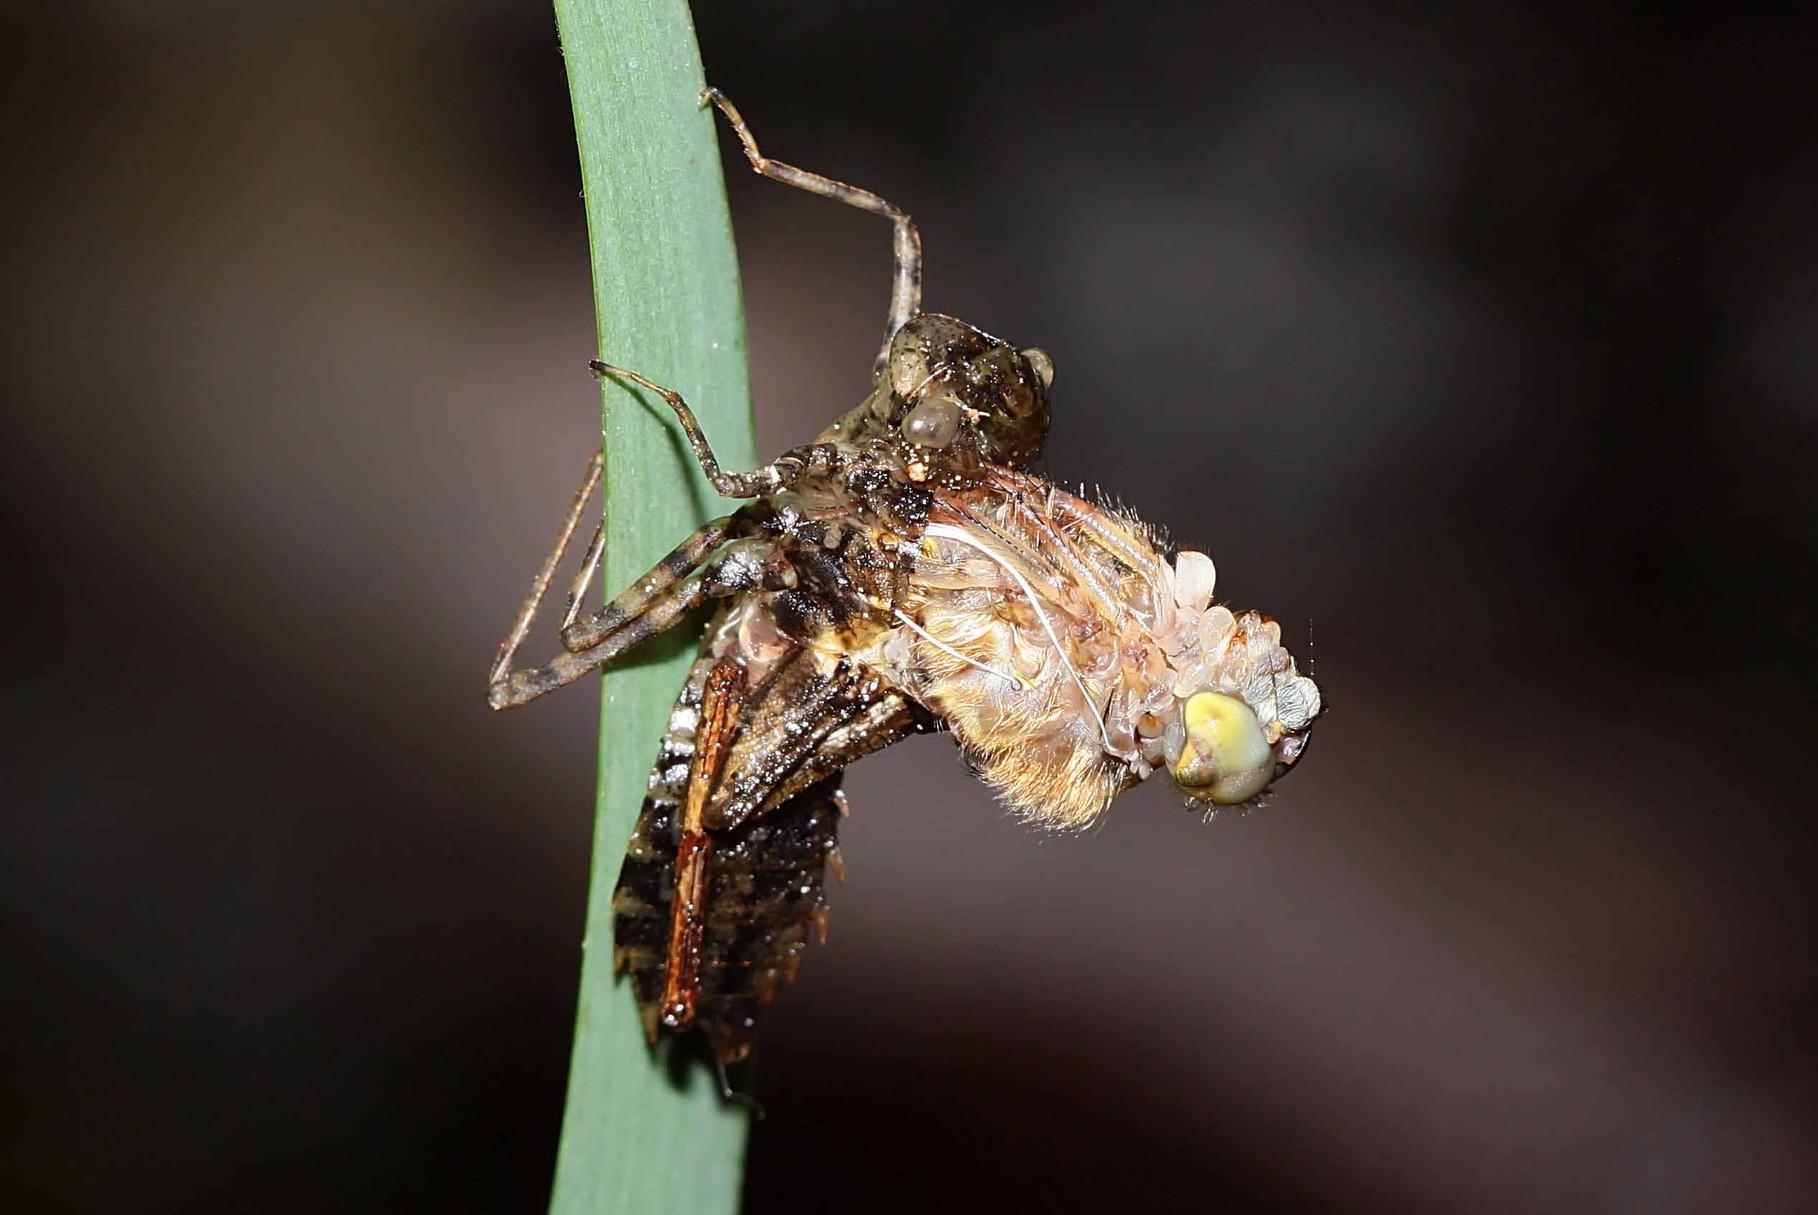 Die junge Libelle schiebt sich zunächst nach oben aus der Larvenhülle heraus.